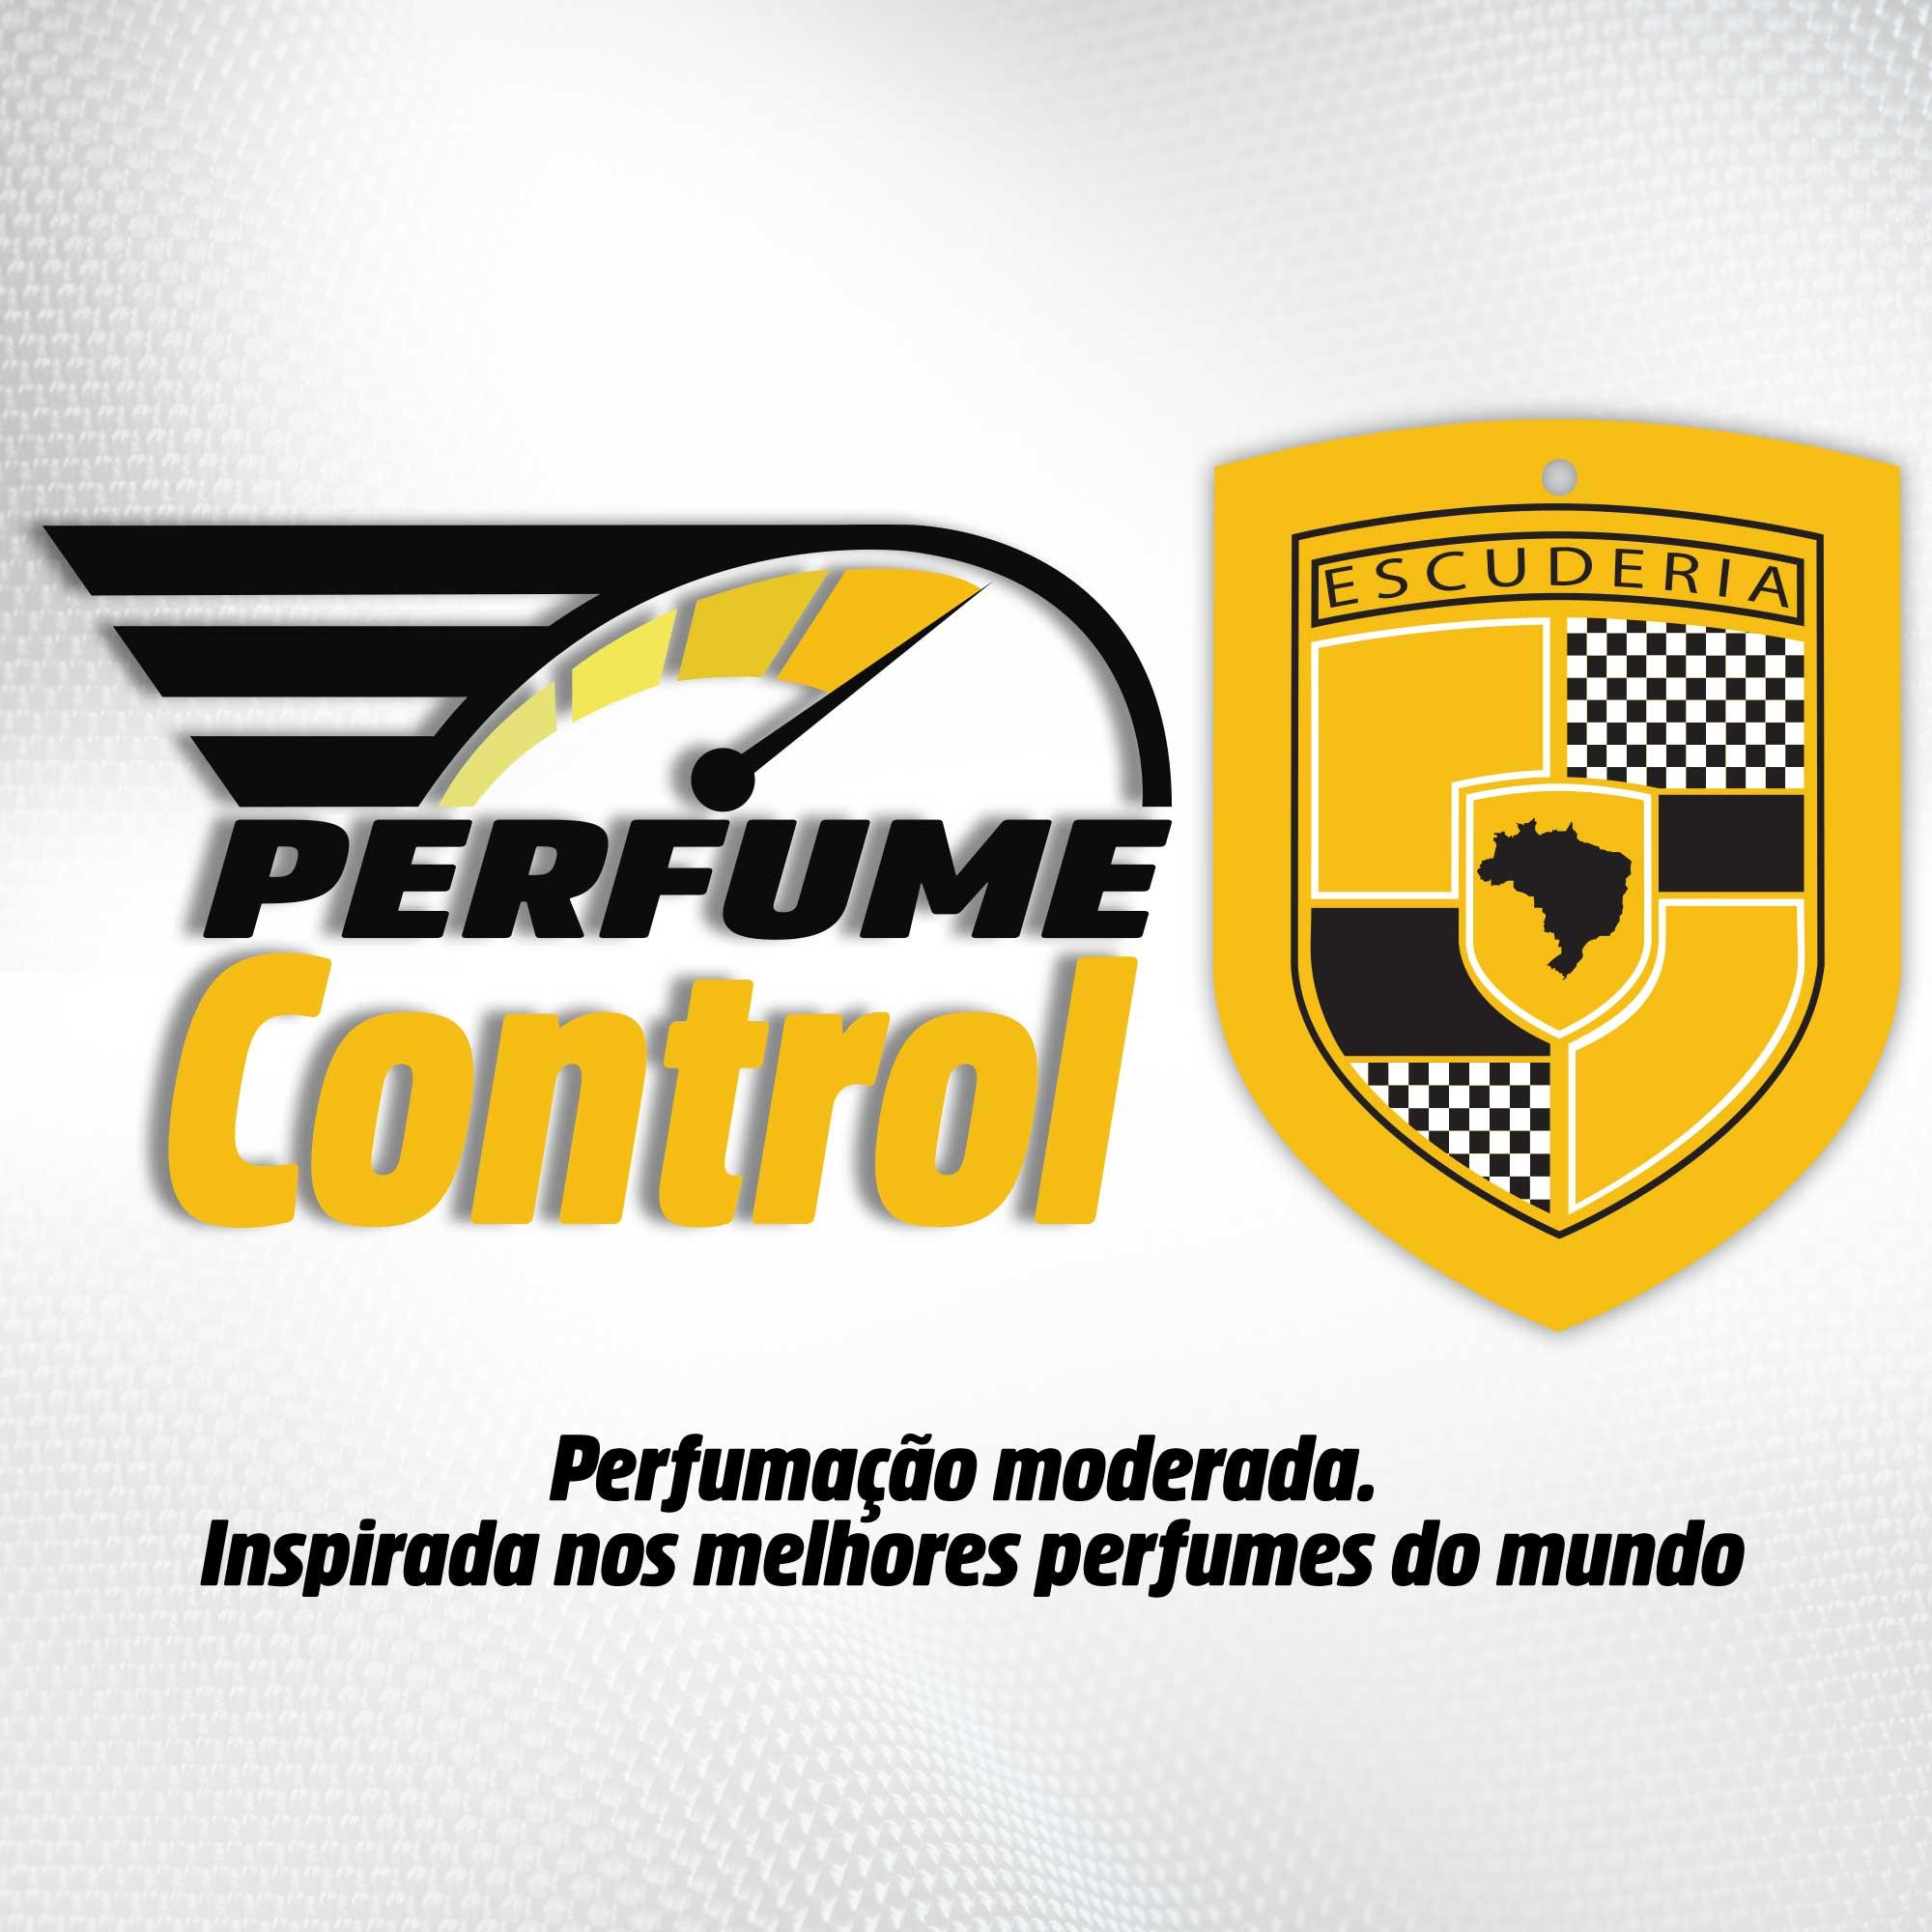 Metropolitan - Perfume Control  - Escuderia do Brasil